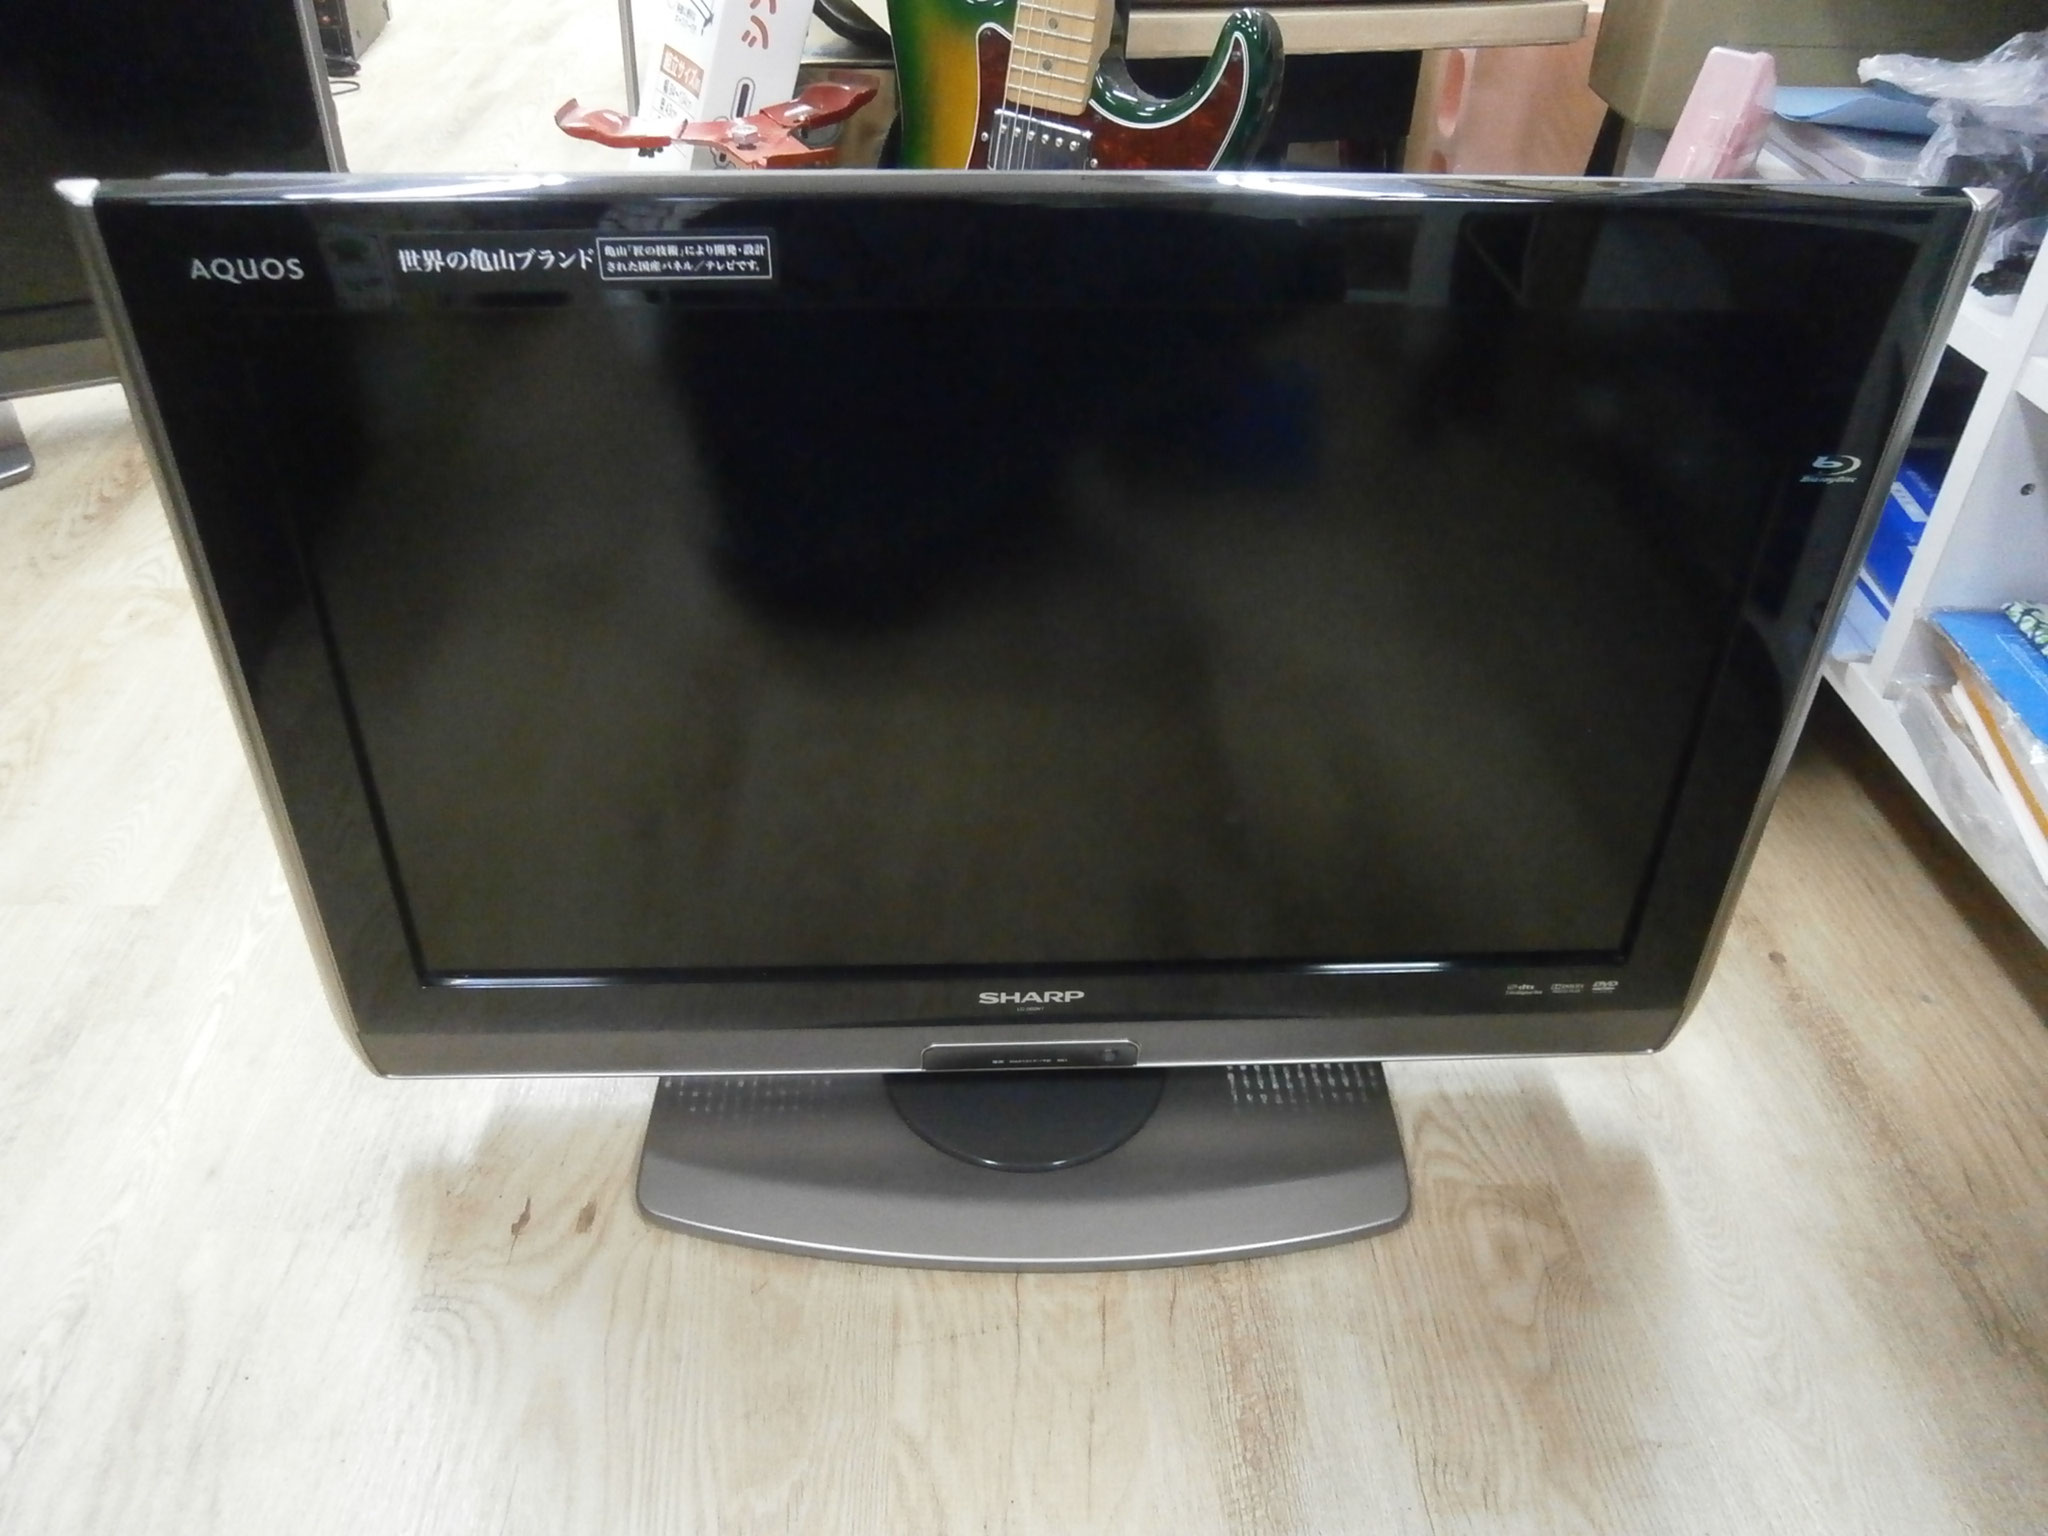 2011年製26インチ札幌液晶テレビ買取1000円